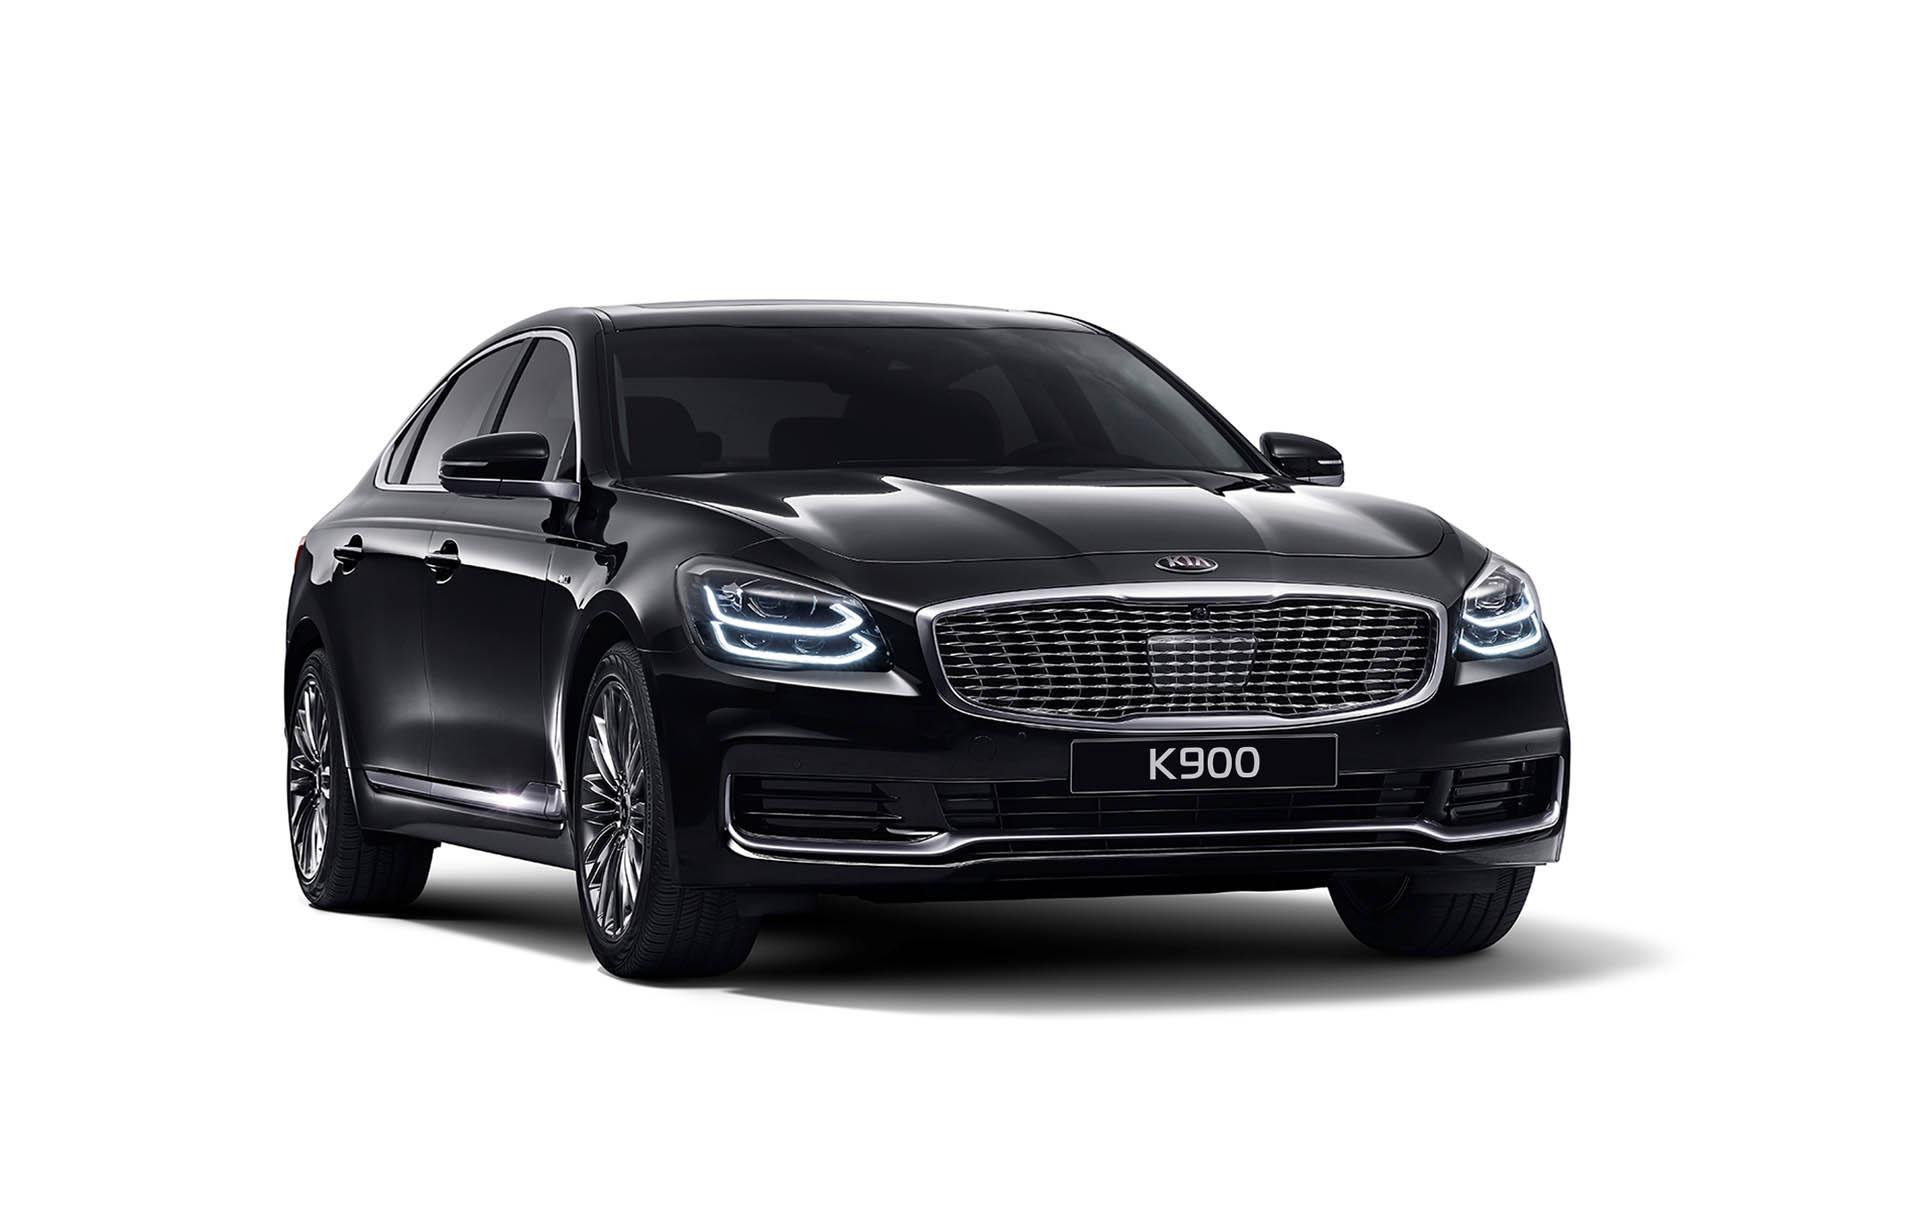 Kia K900 MY 2019 - Nuove foto leaked